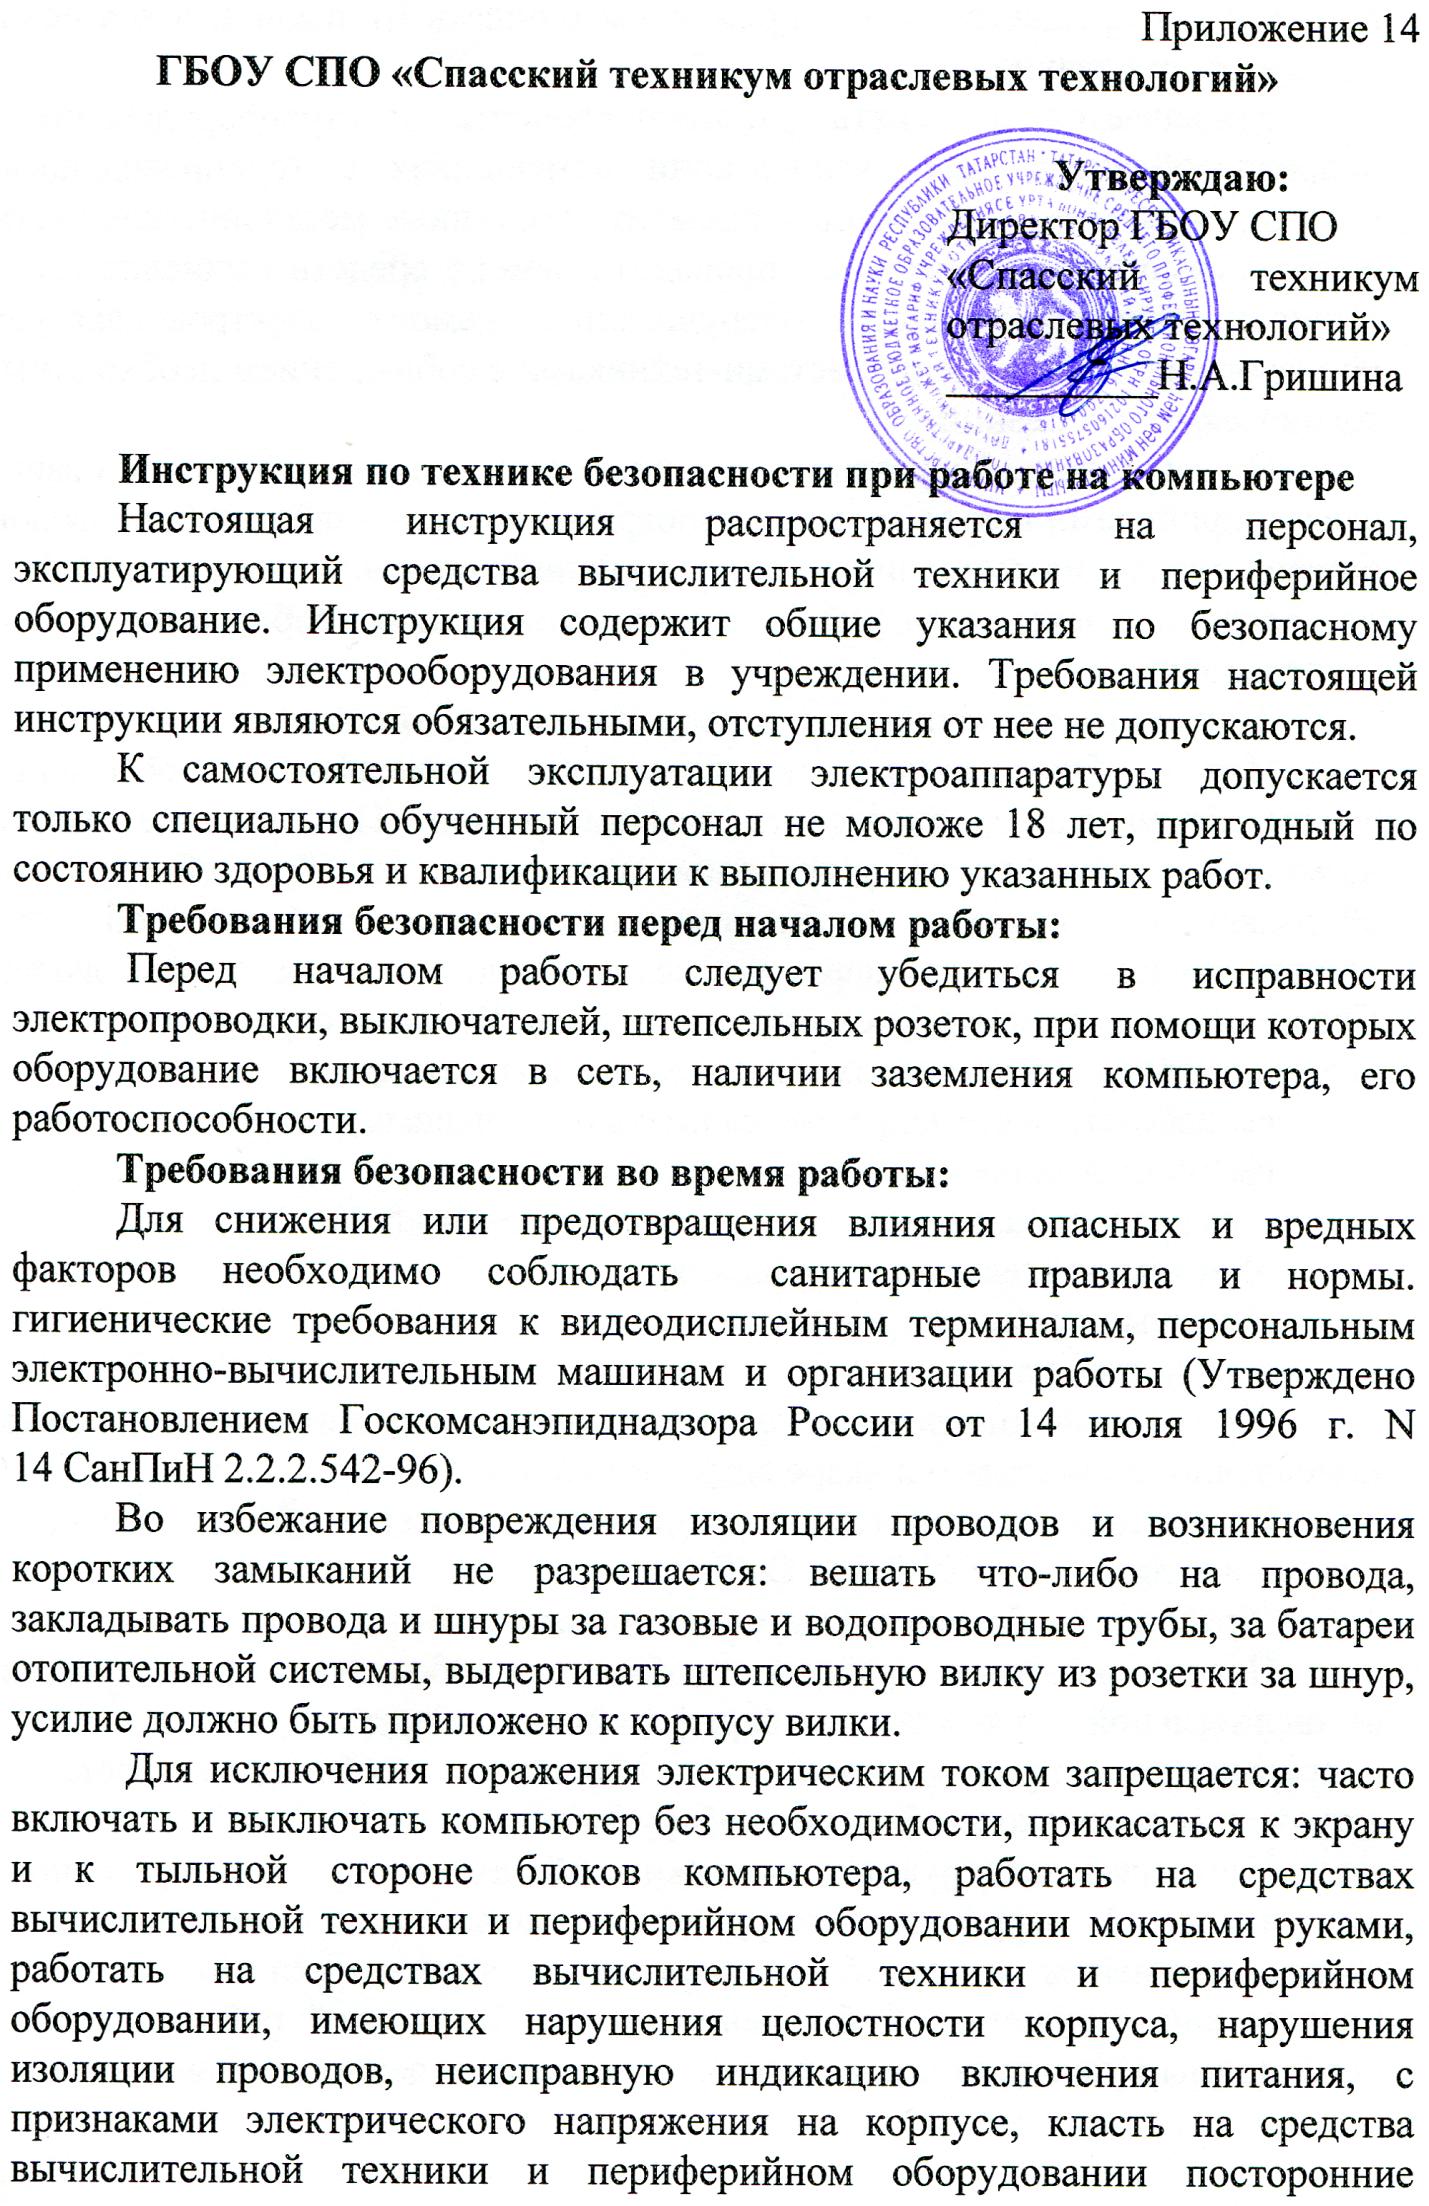 лист согласования опоп спо образец